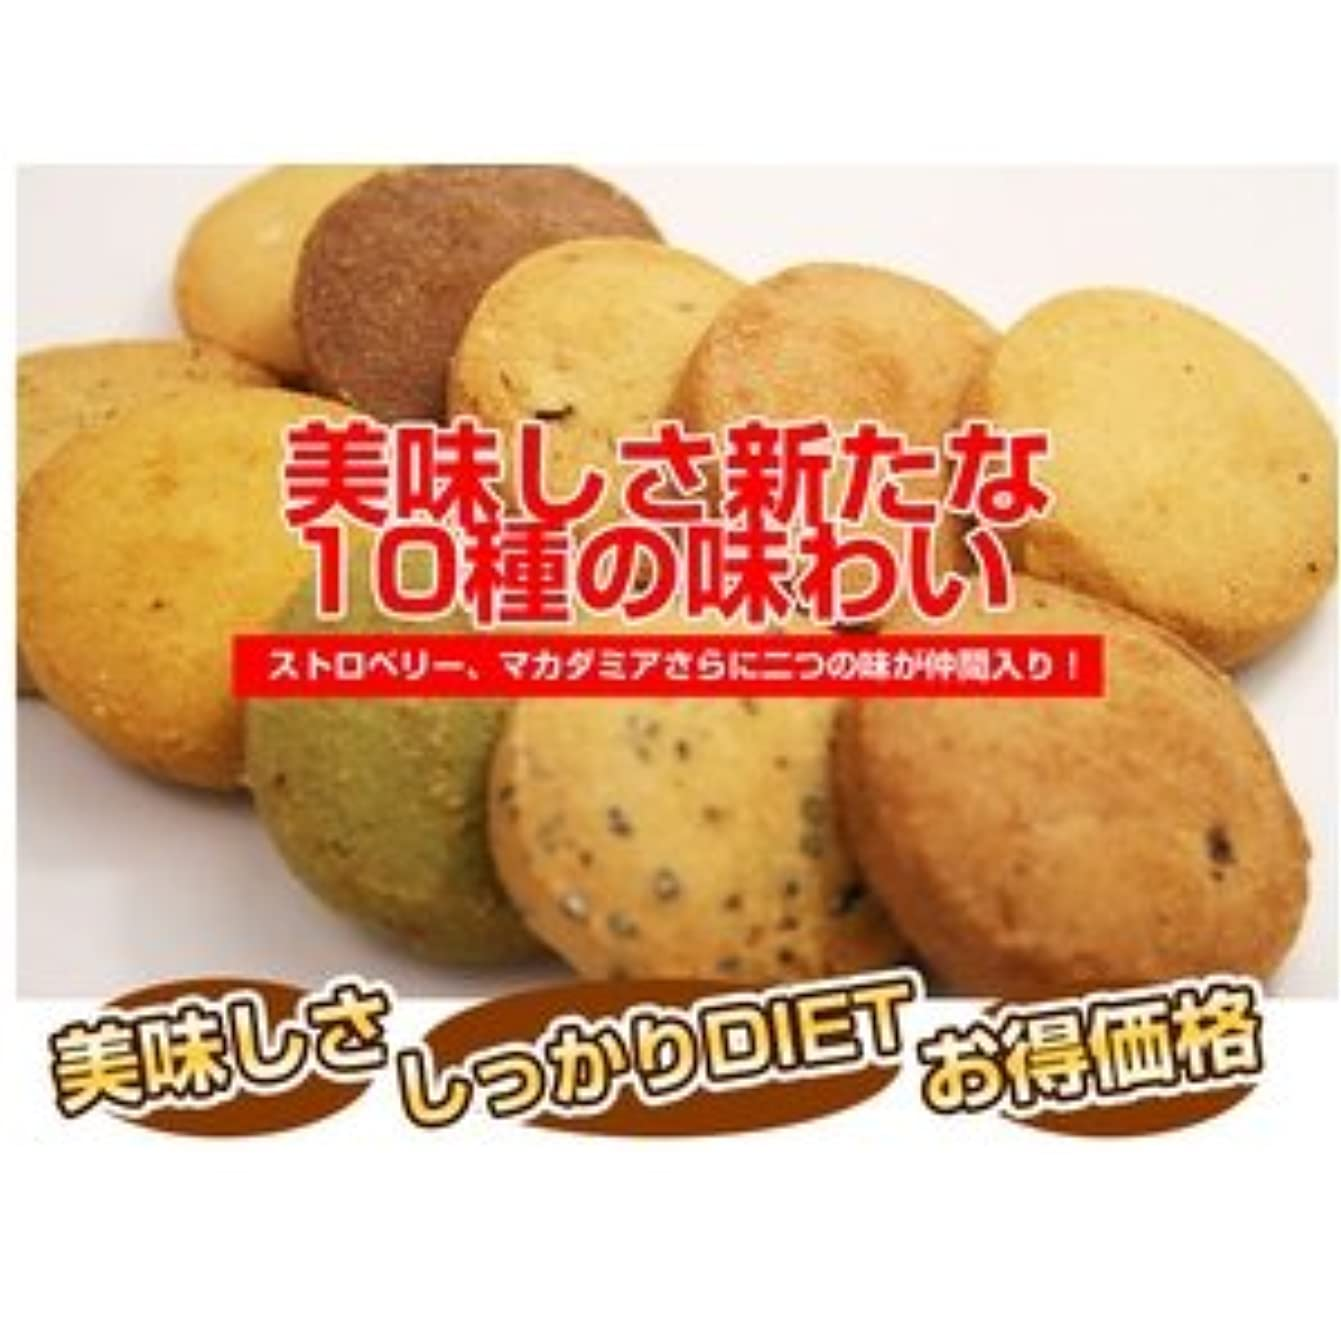 シンプトン懸念鎮痛剤10種の豆乳おからクッキー 1kg(500g×2)